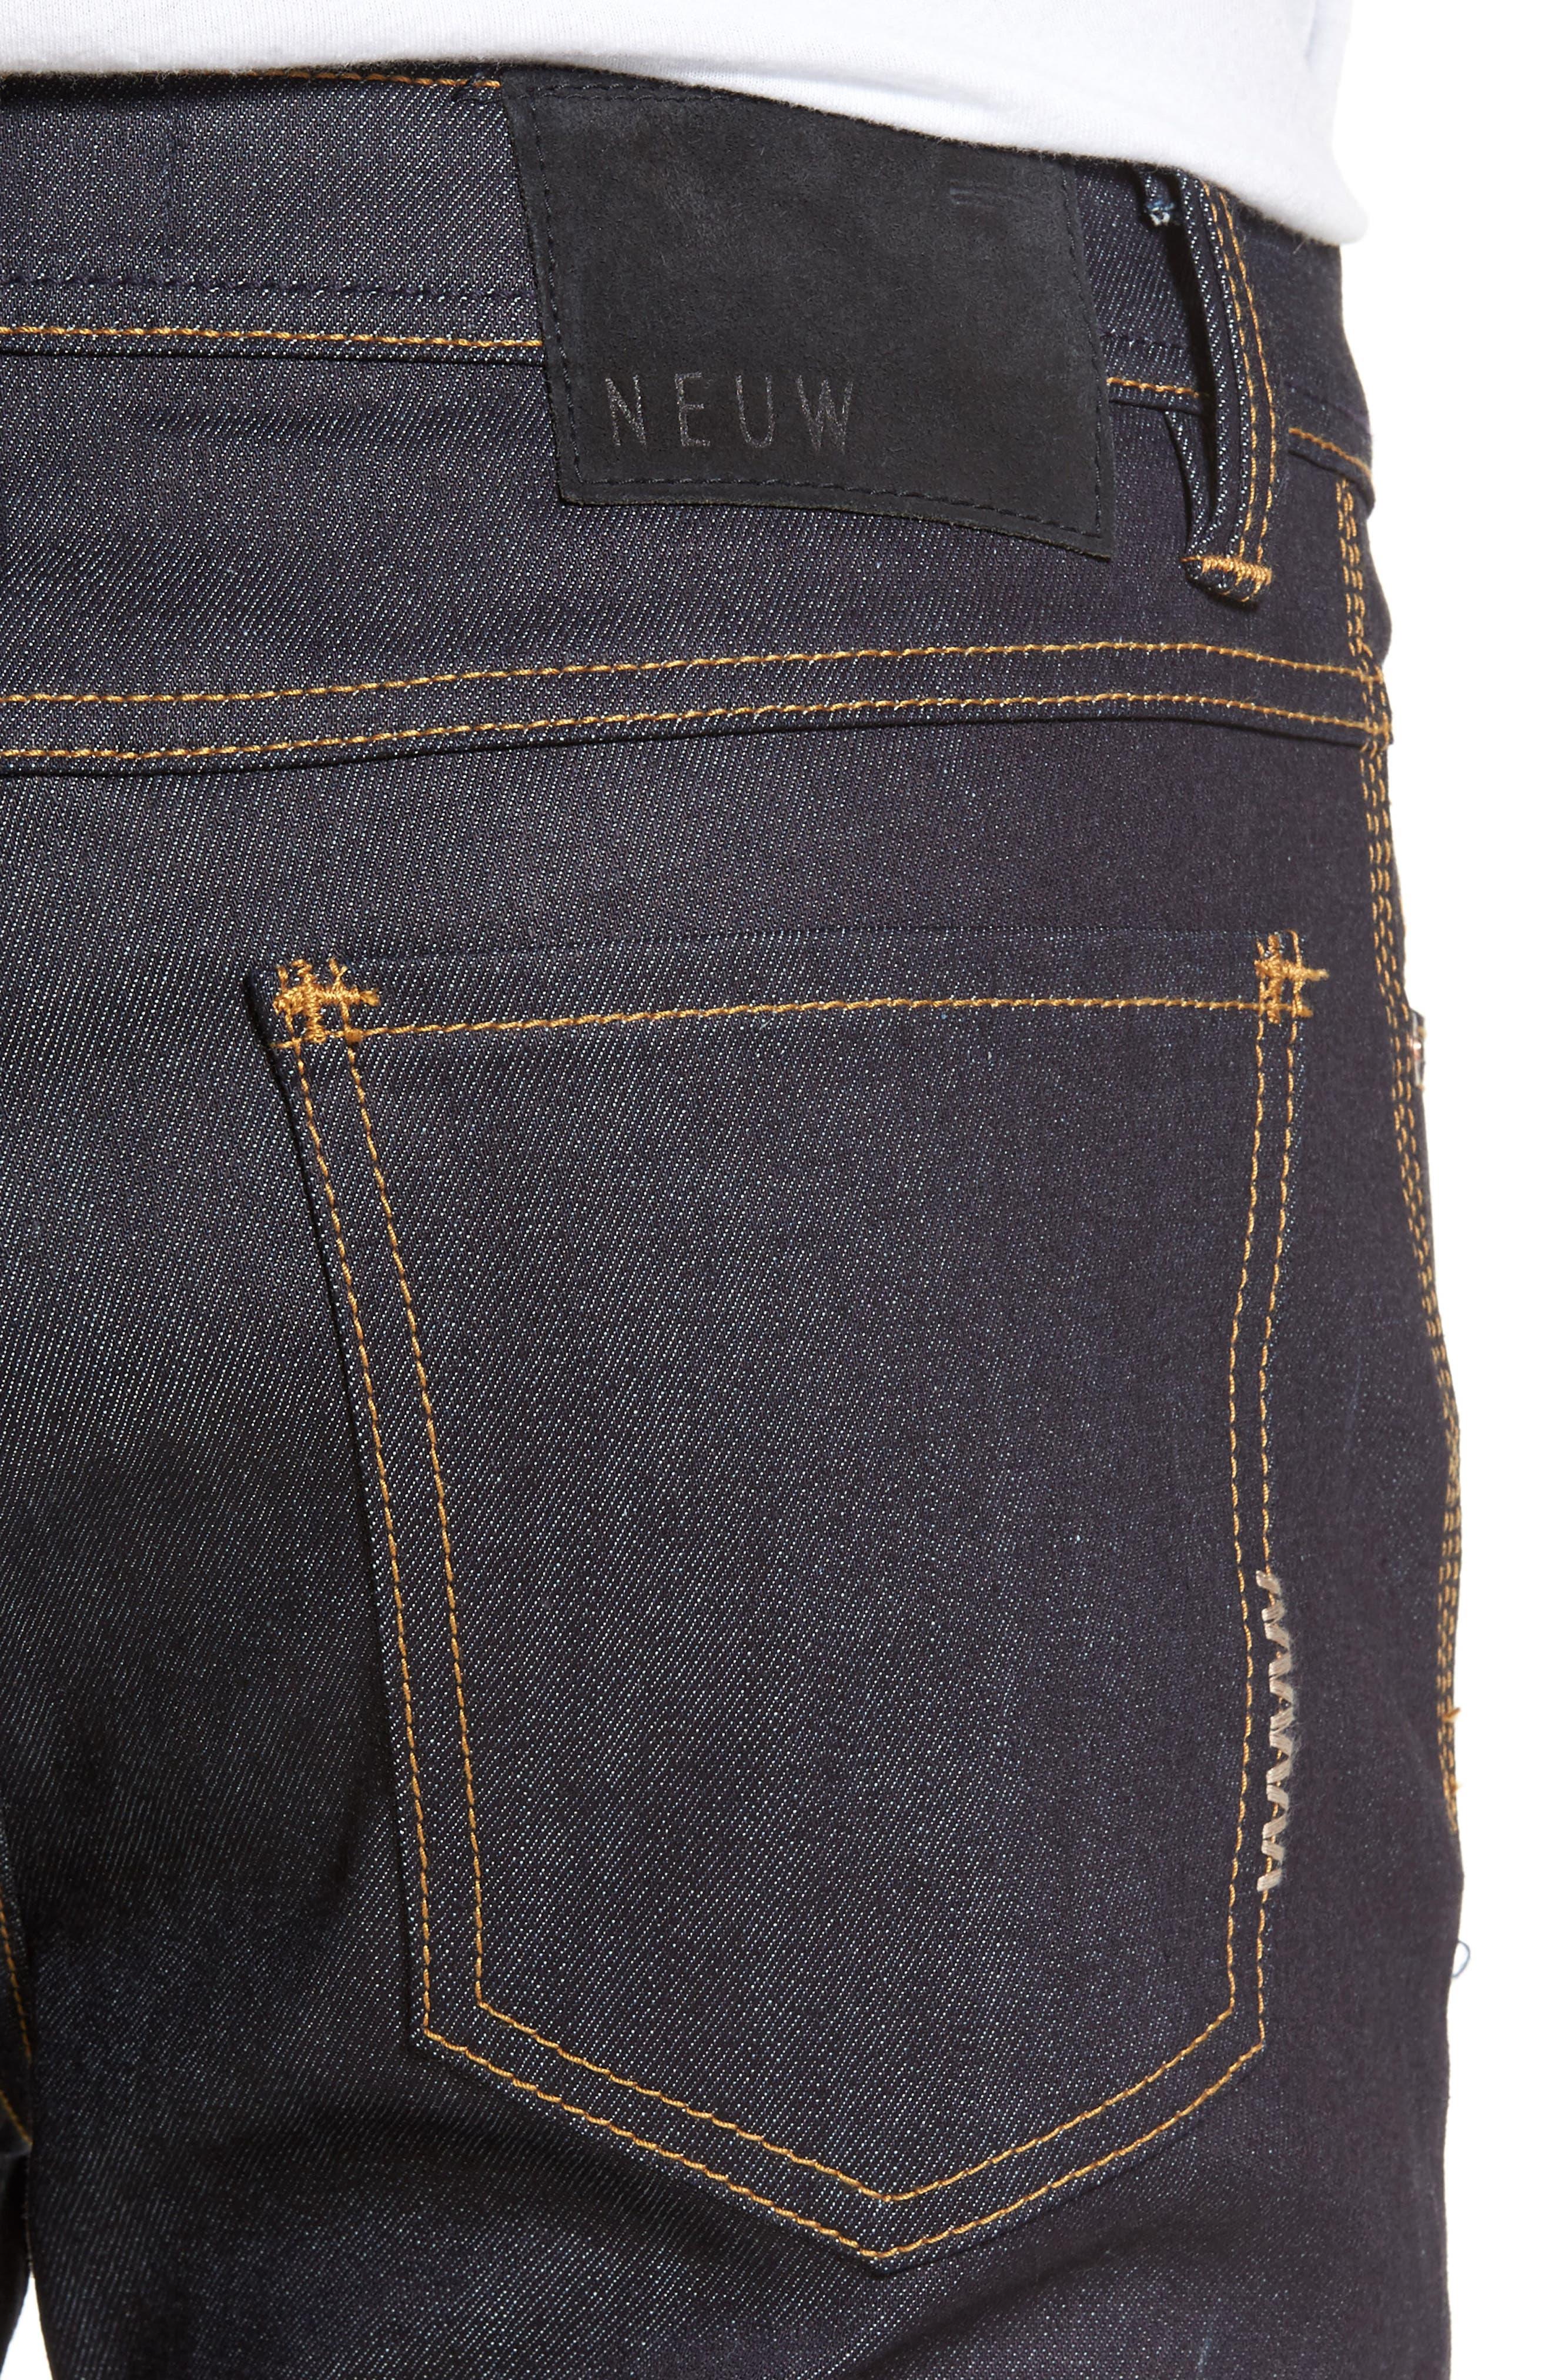 Alternate Image 4  - Neuw Iggy Skinny Jeans (Raw Stretch)